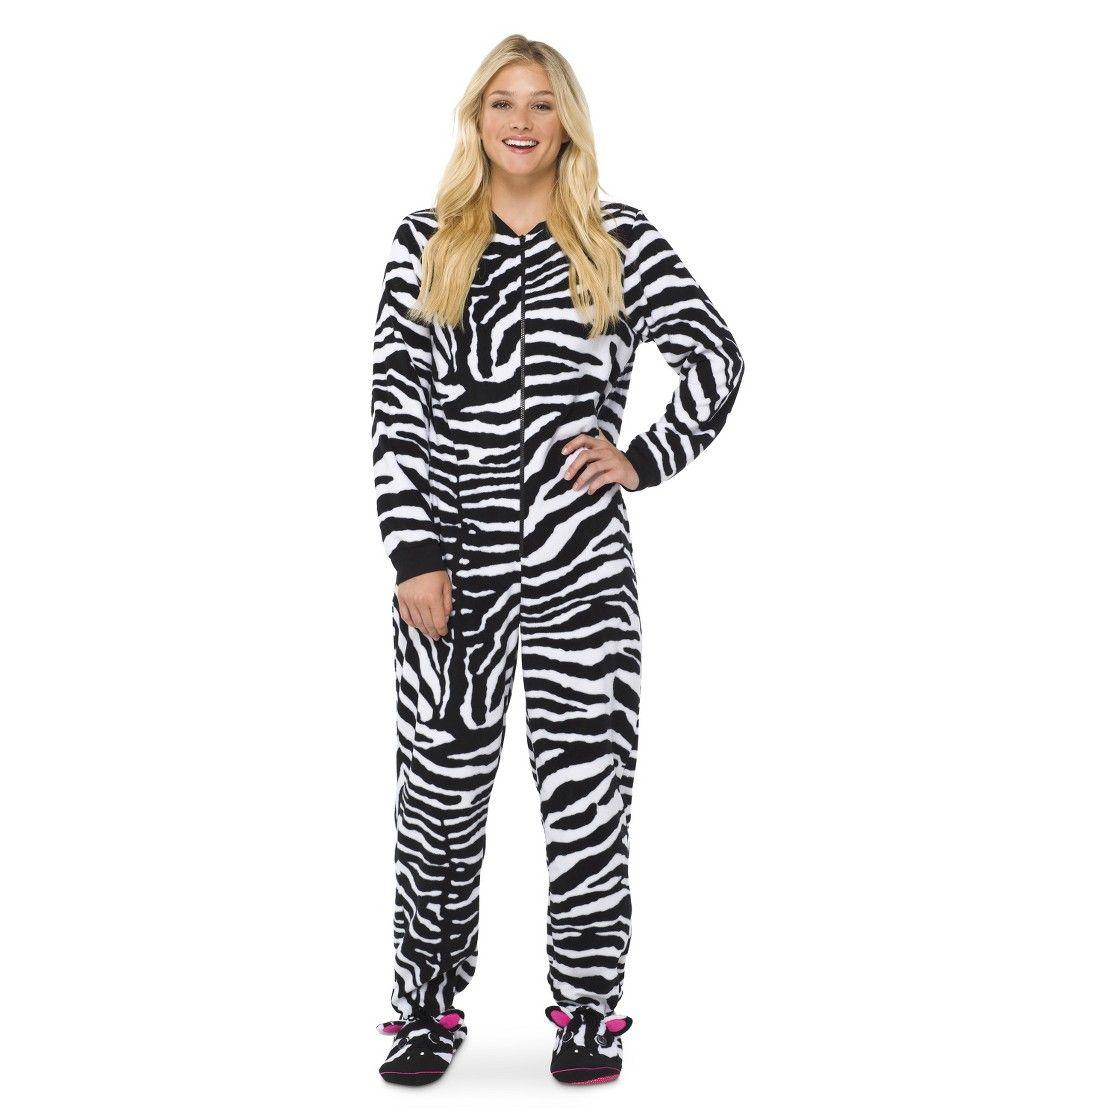 Women' Zebra Footie Pj Black White Fall Fashion